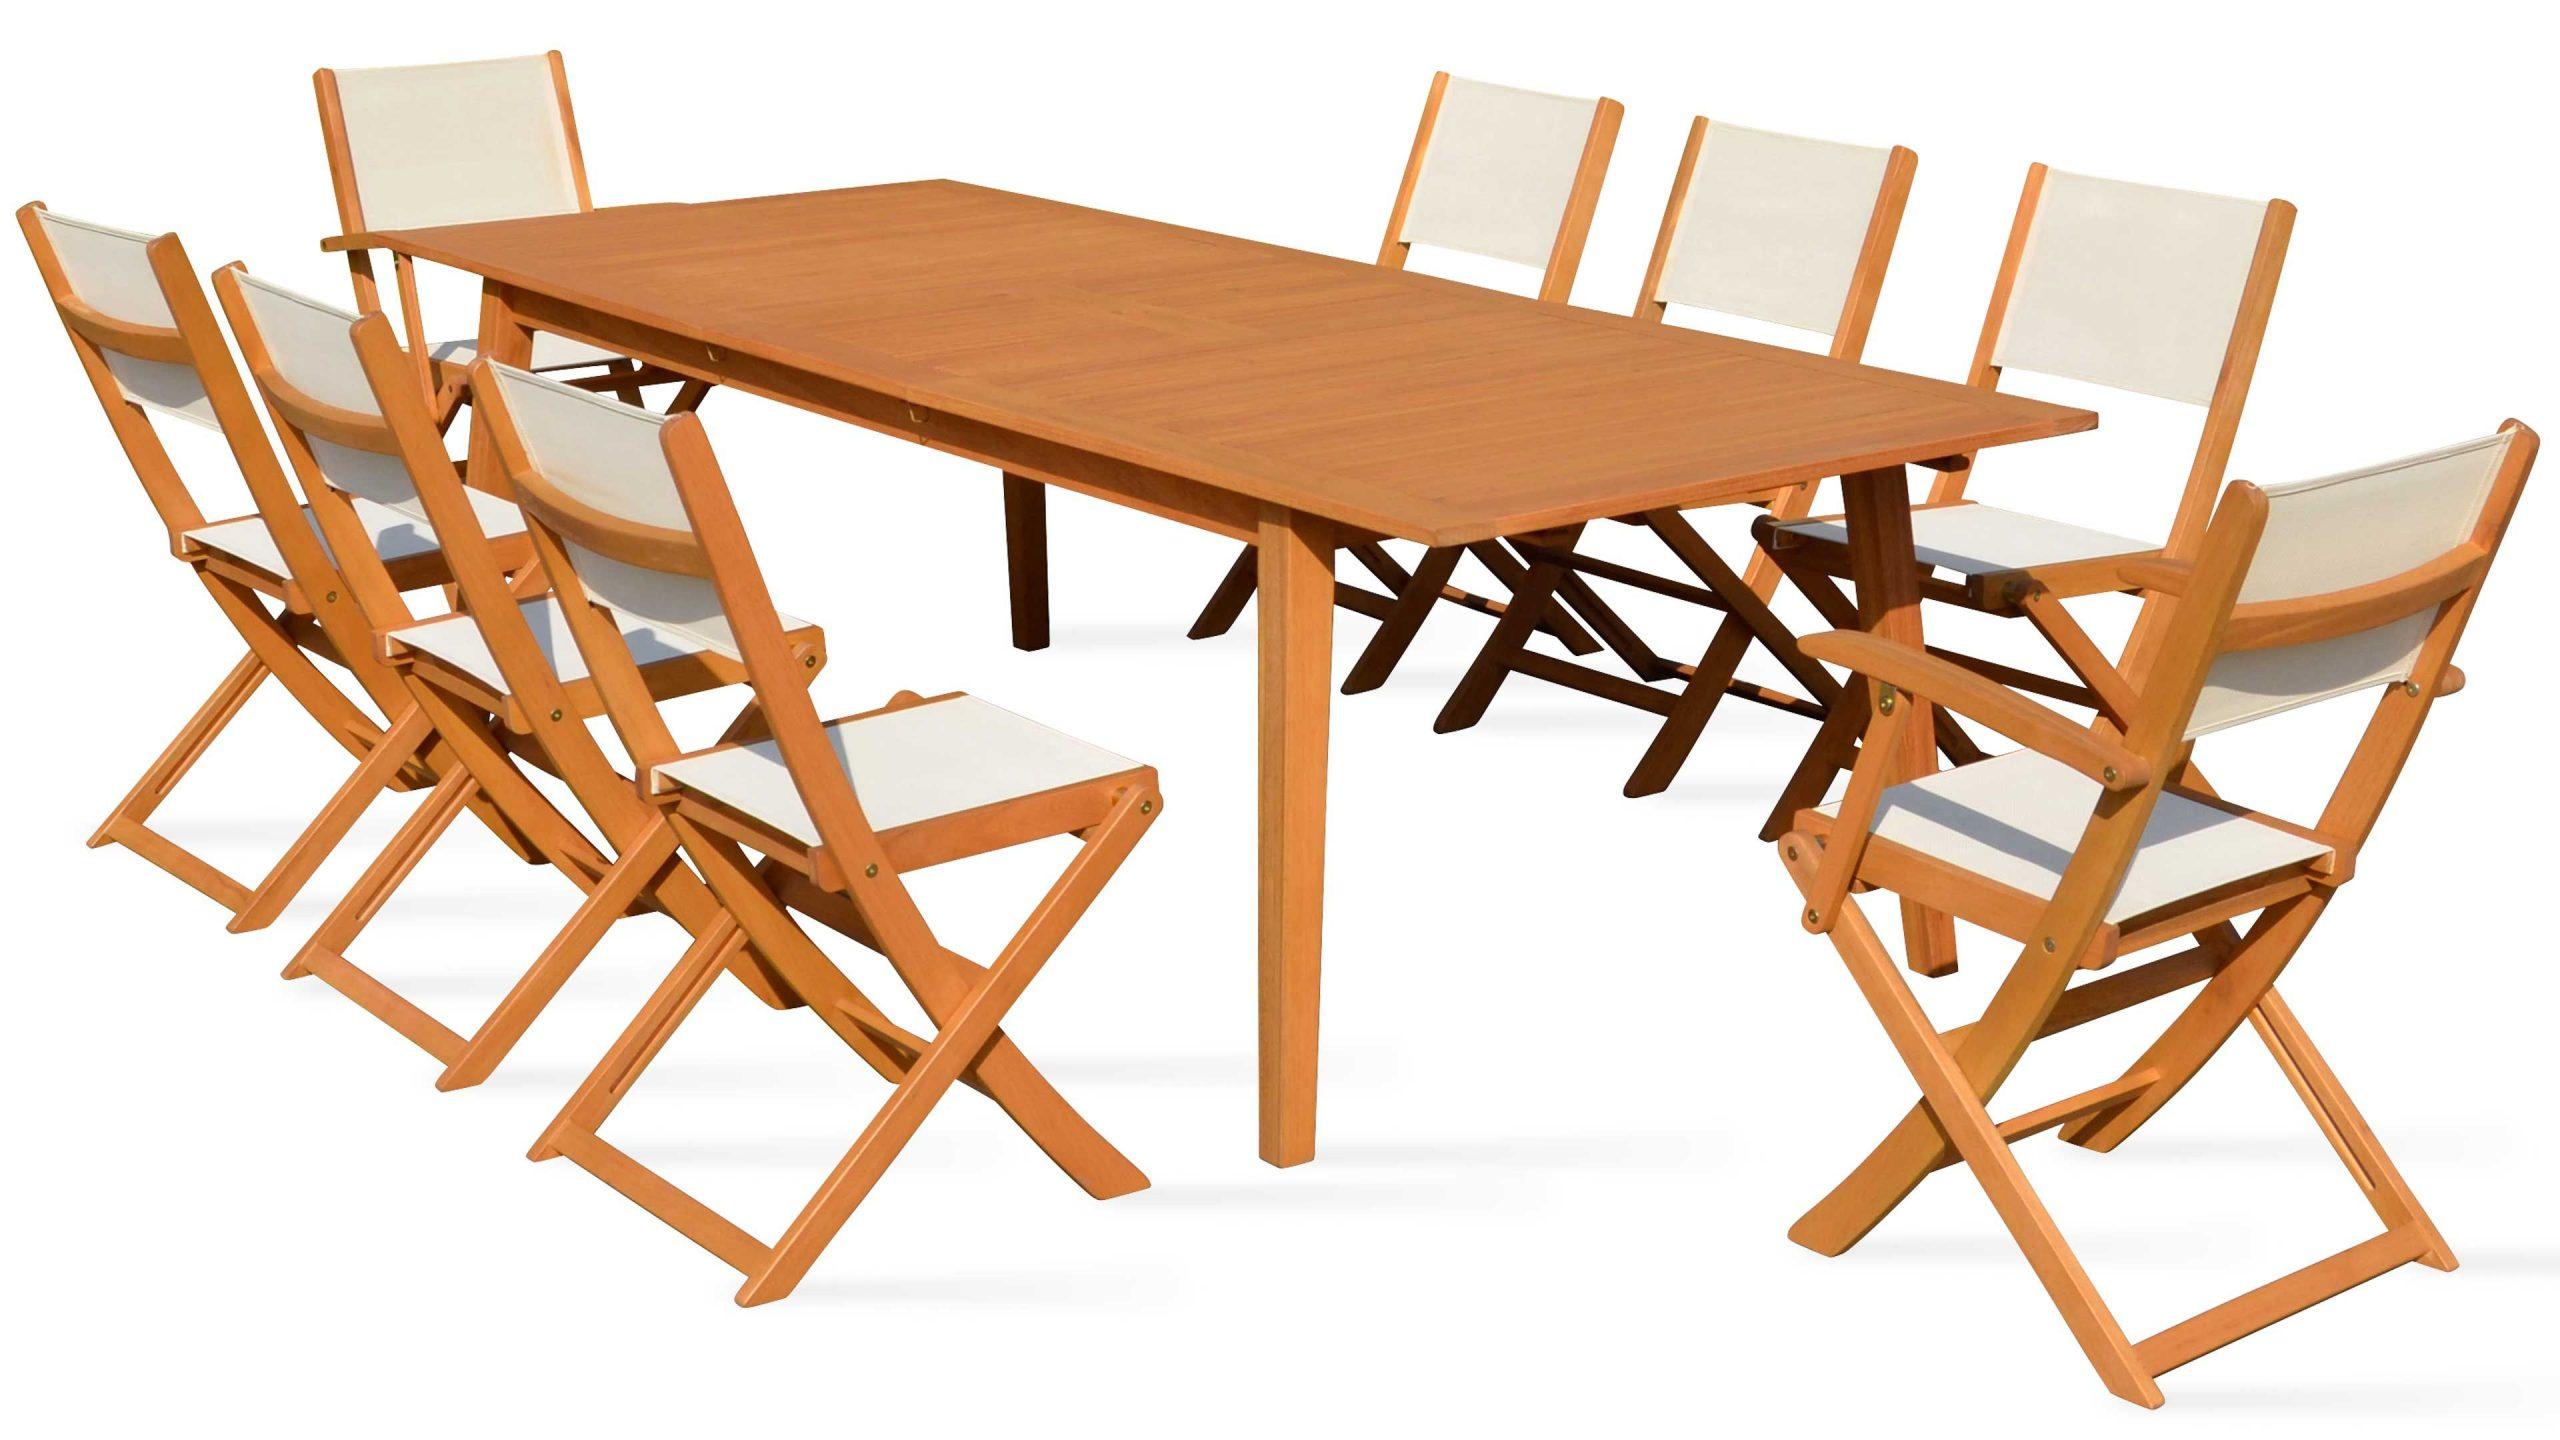 Salon De Jardin 8 Places En Bois Table Et Chaise avec Table Et Chaise De Jardin En Bois